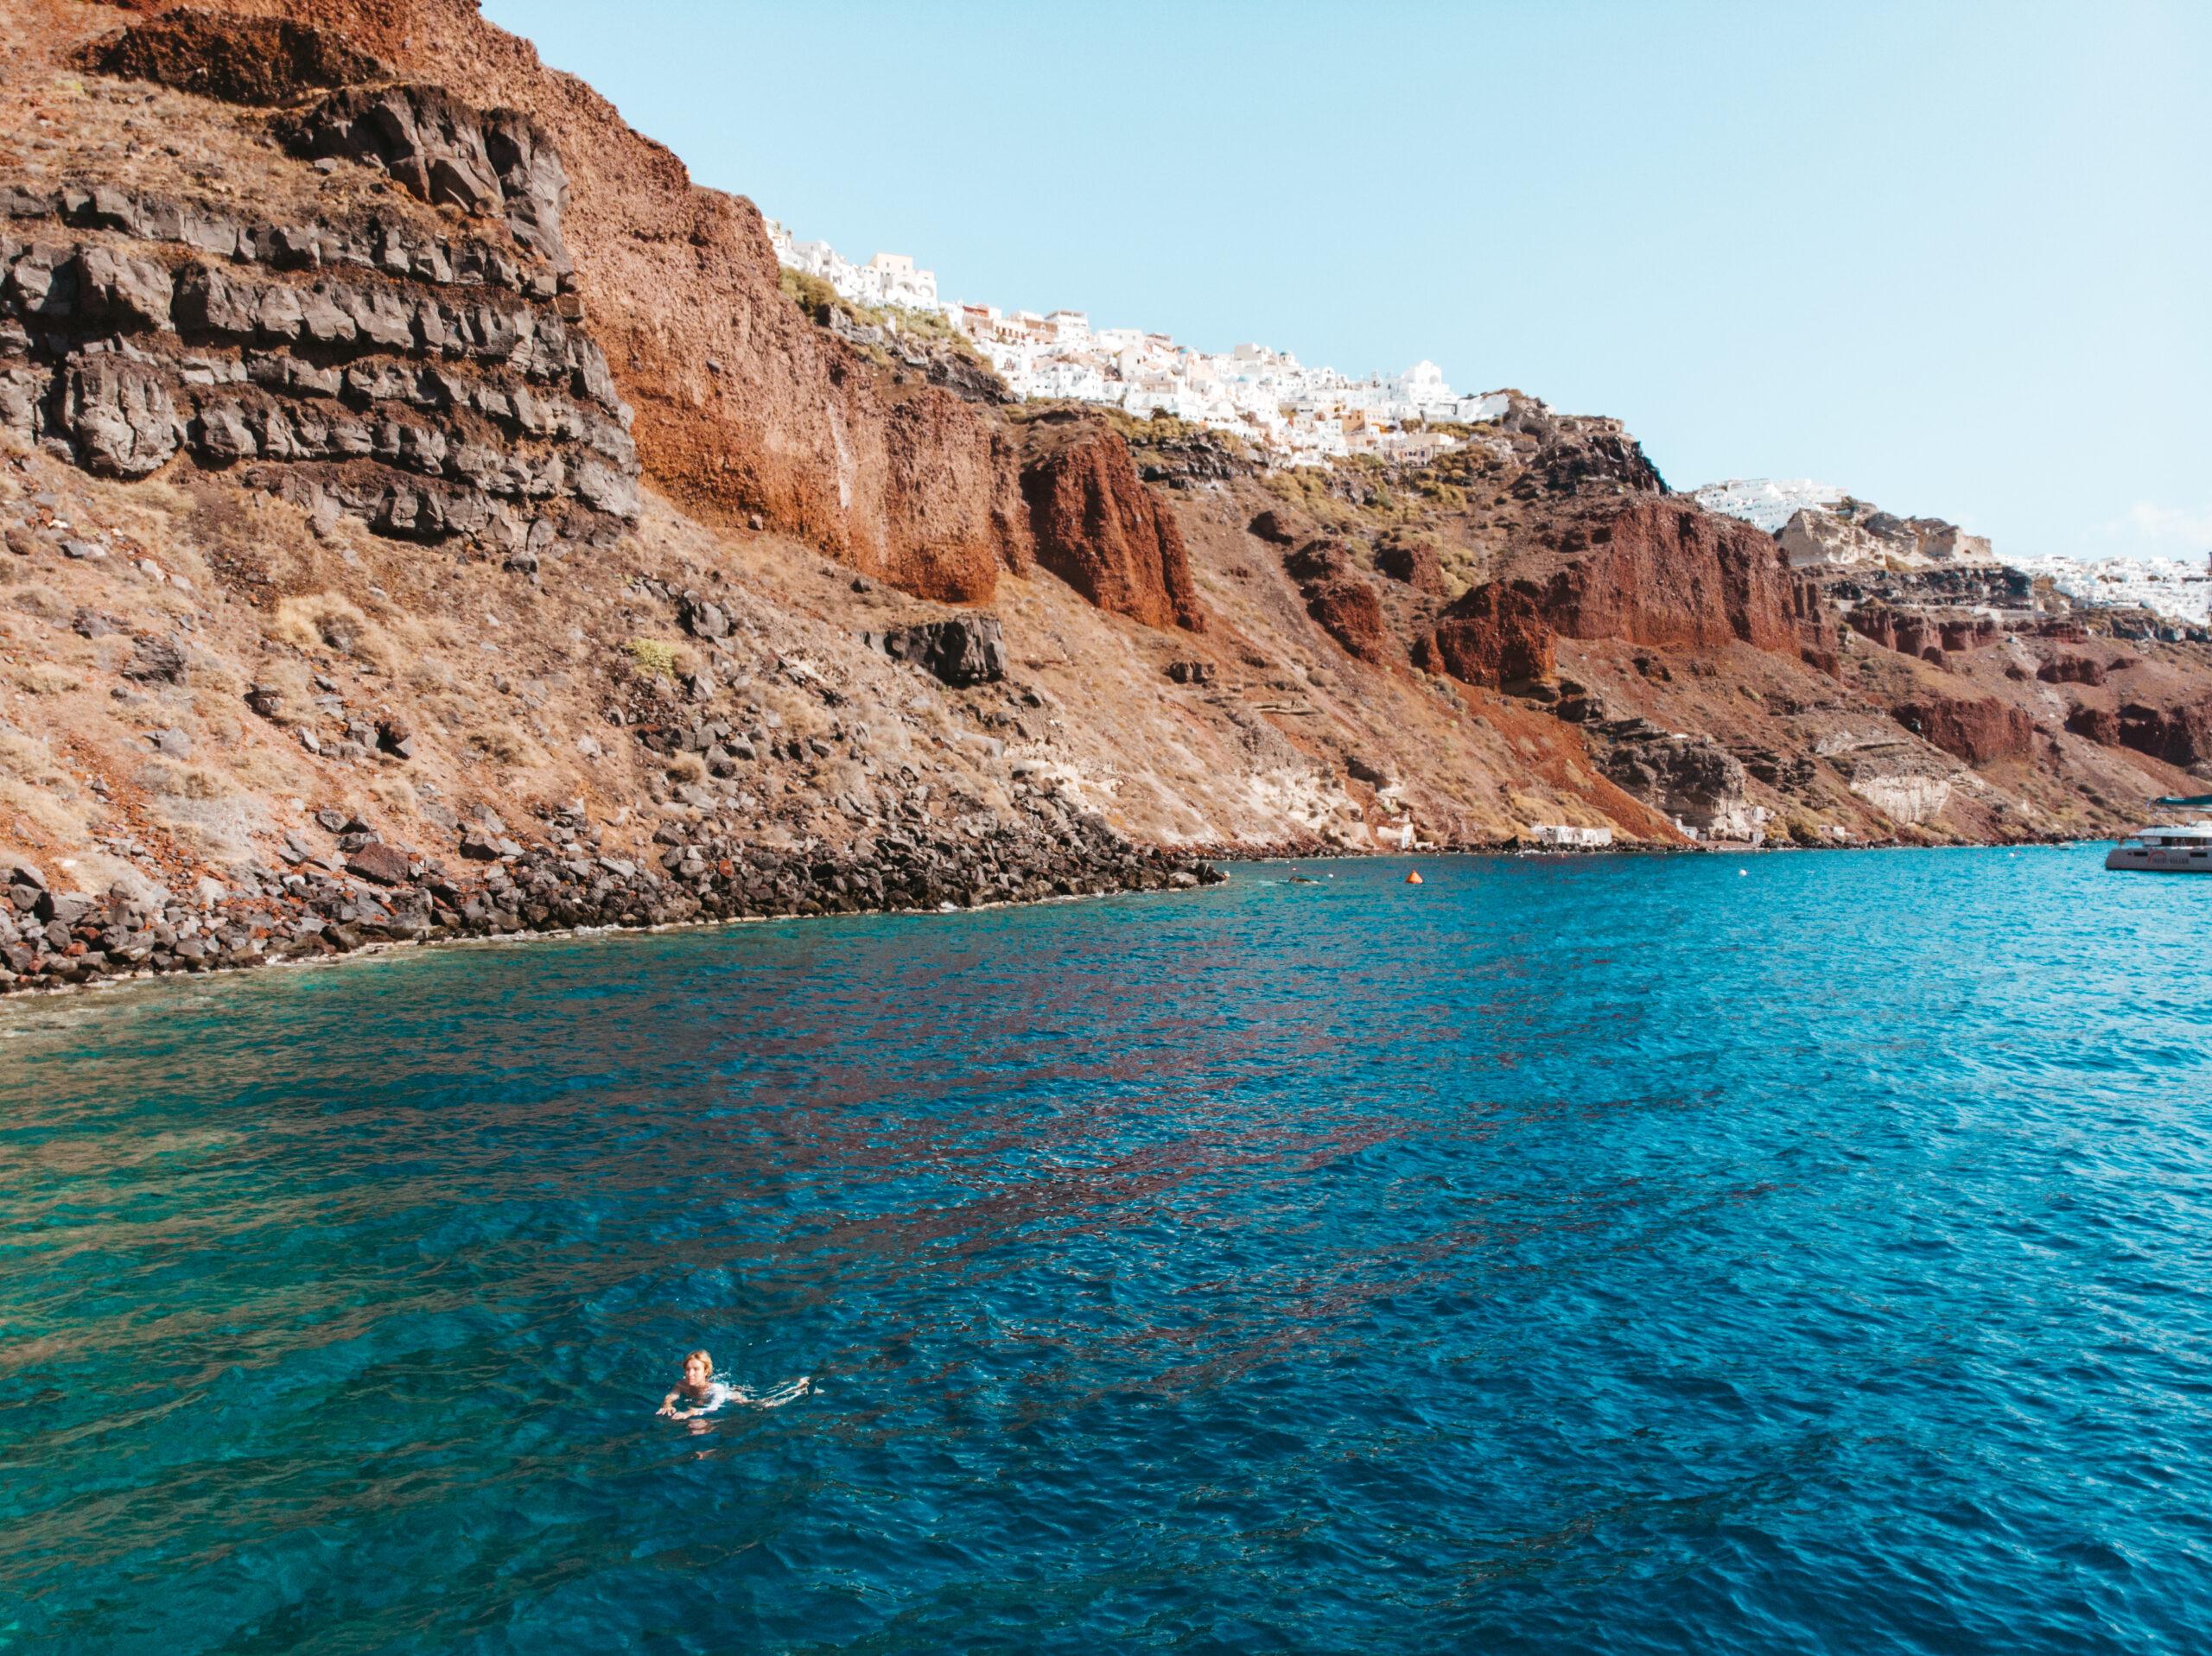 Oia Santorini plaża, Ammoudi bay, caldera, kaldera, pływanie w kalderze na Santorini